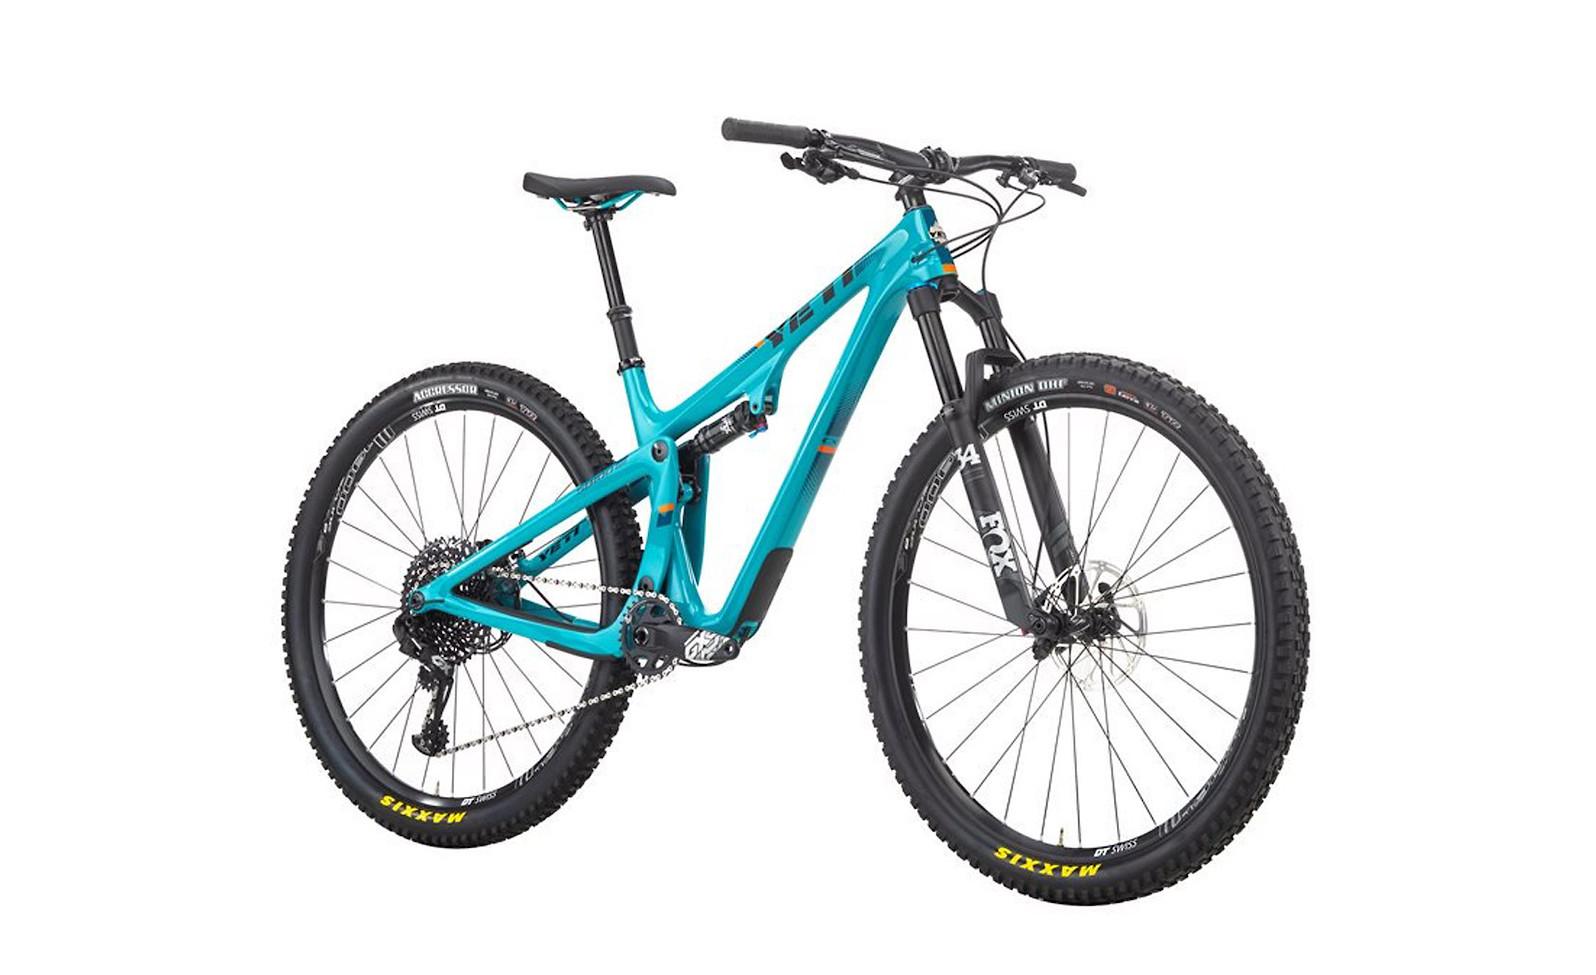 2019 Yeti SB100 GX Eagle Bike - Reviews, Comparisons, Specs